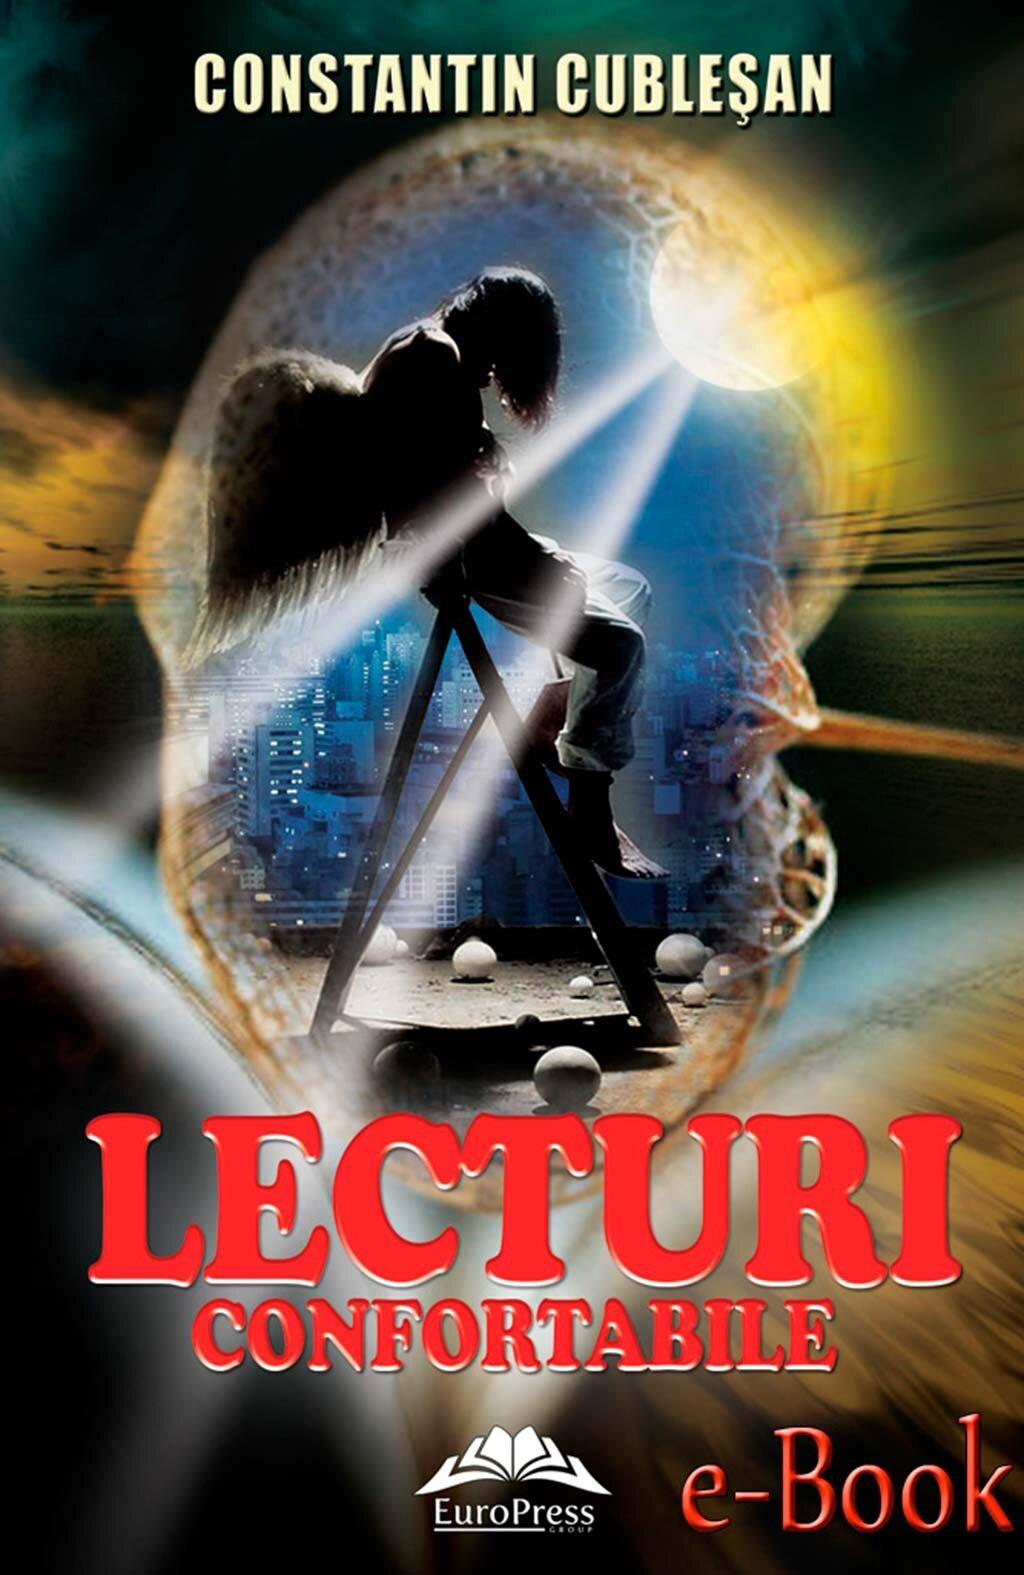 Lecturi confortabile (eBook)